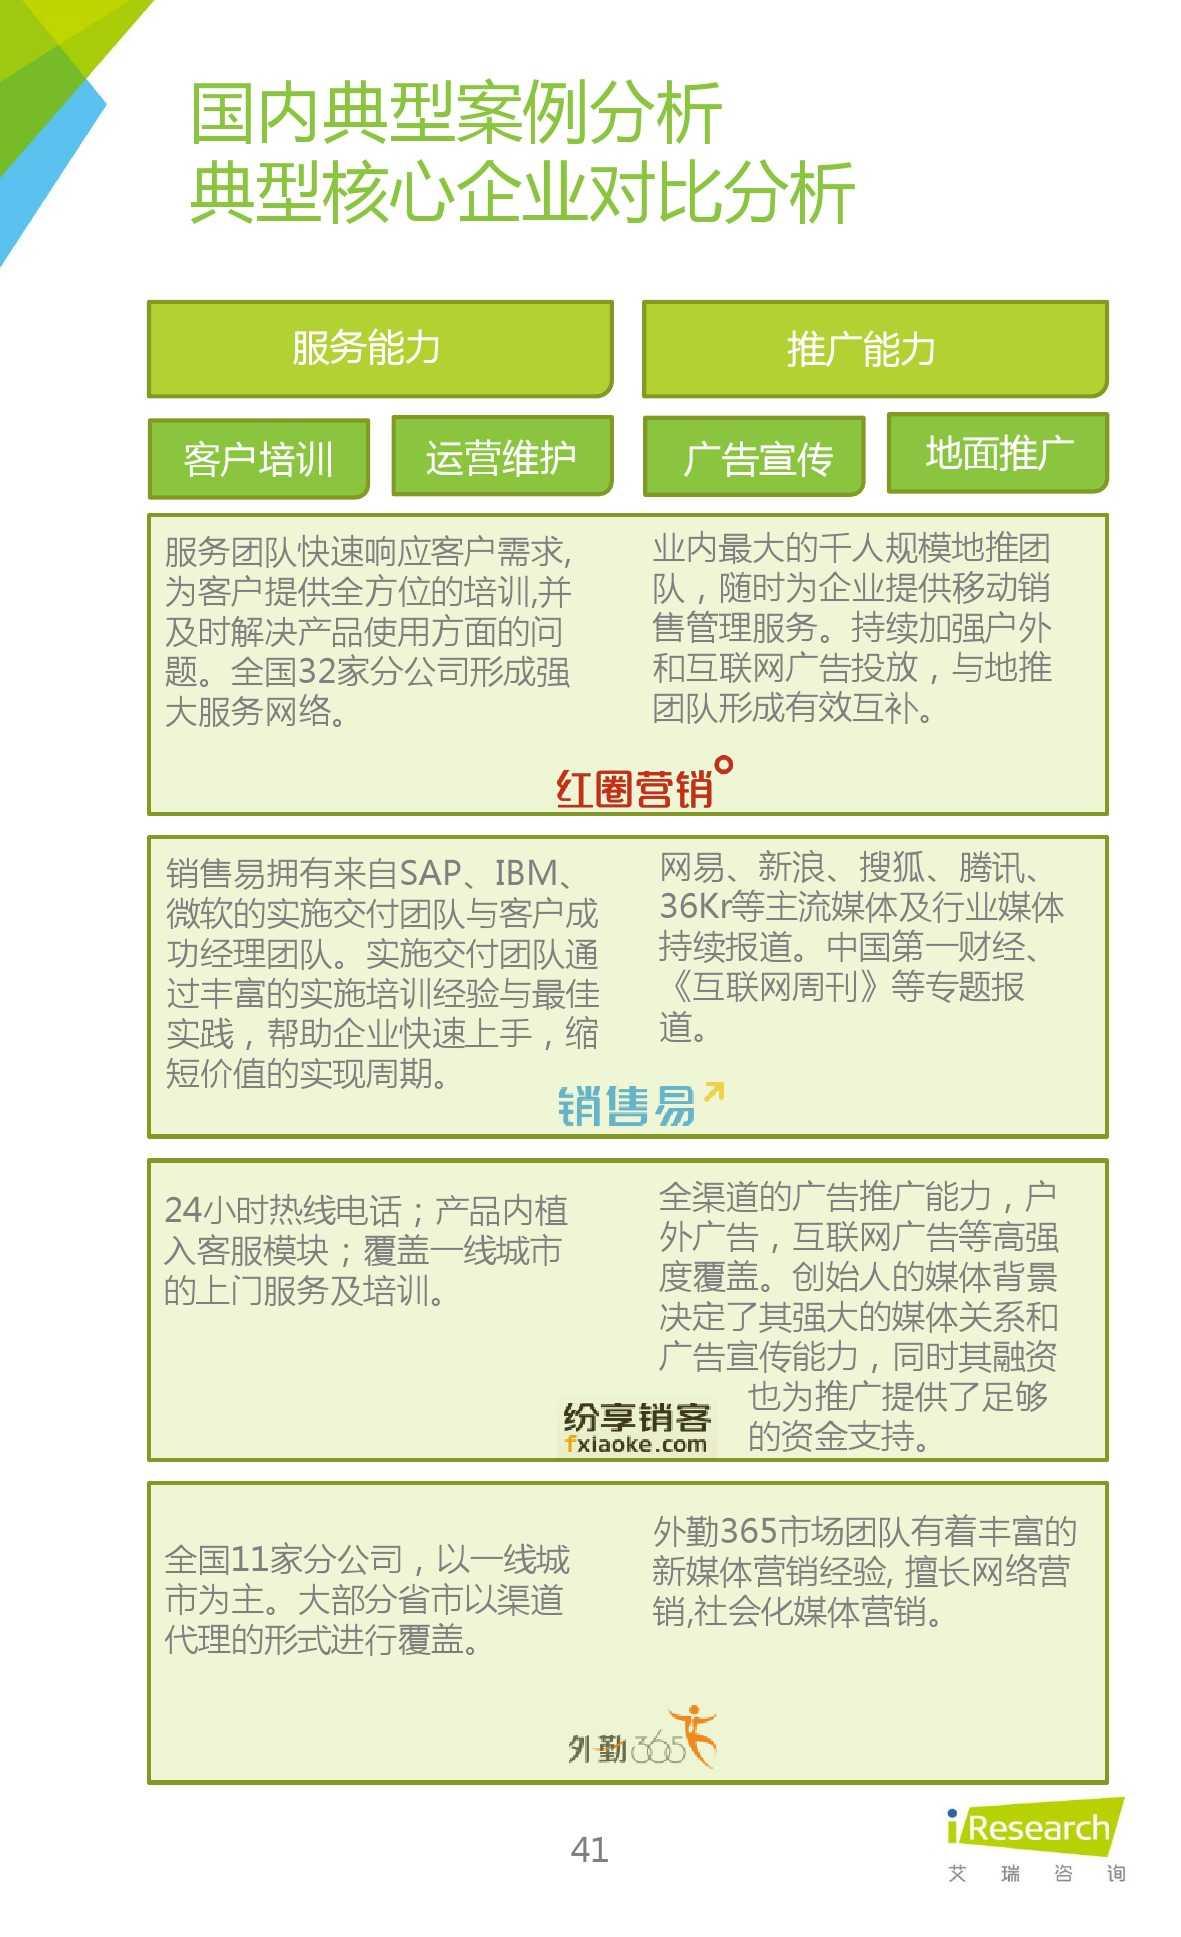 2015年中国移动销售CRM行业研究报告_000041